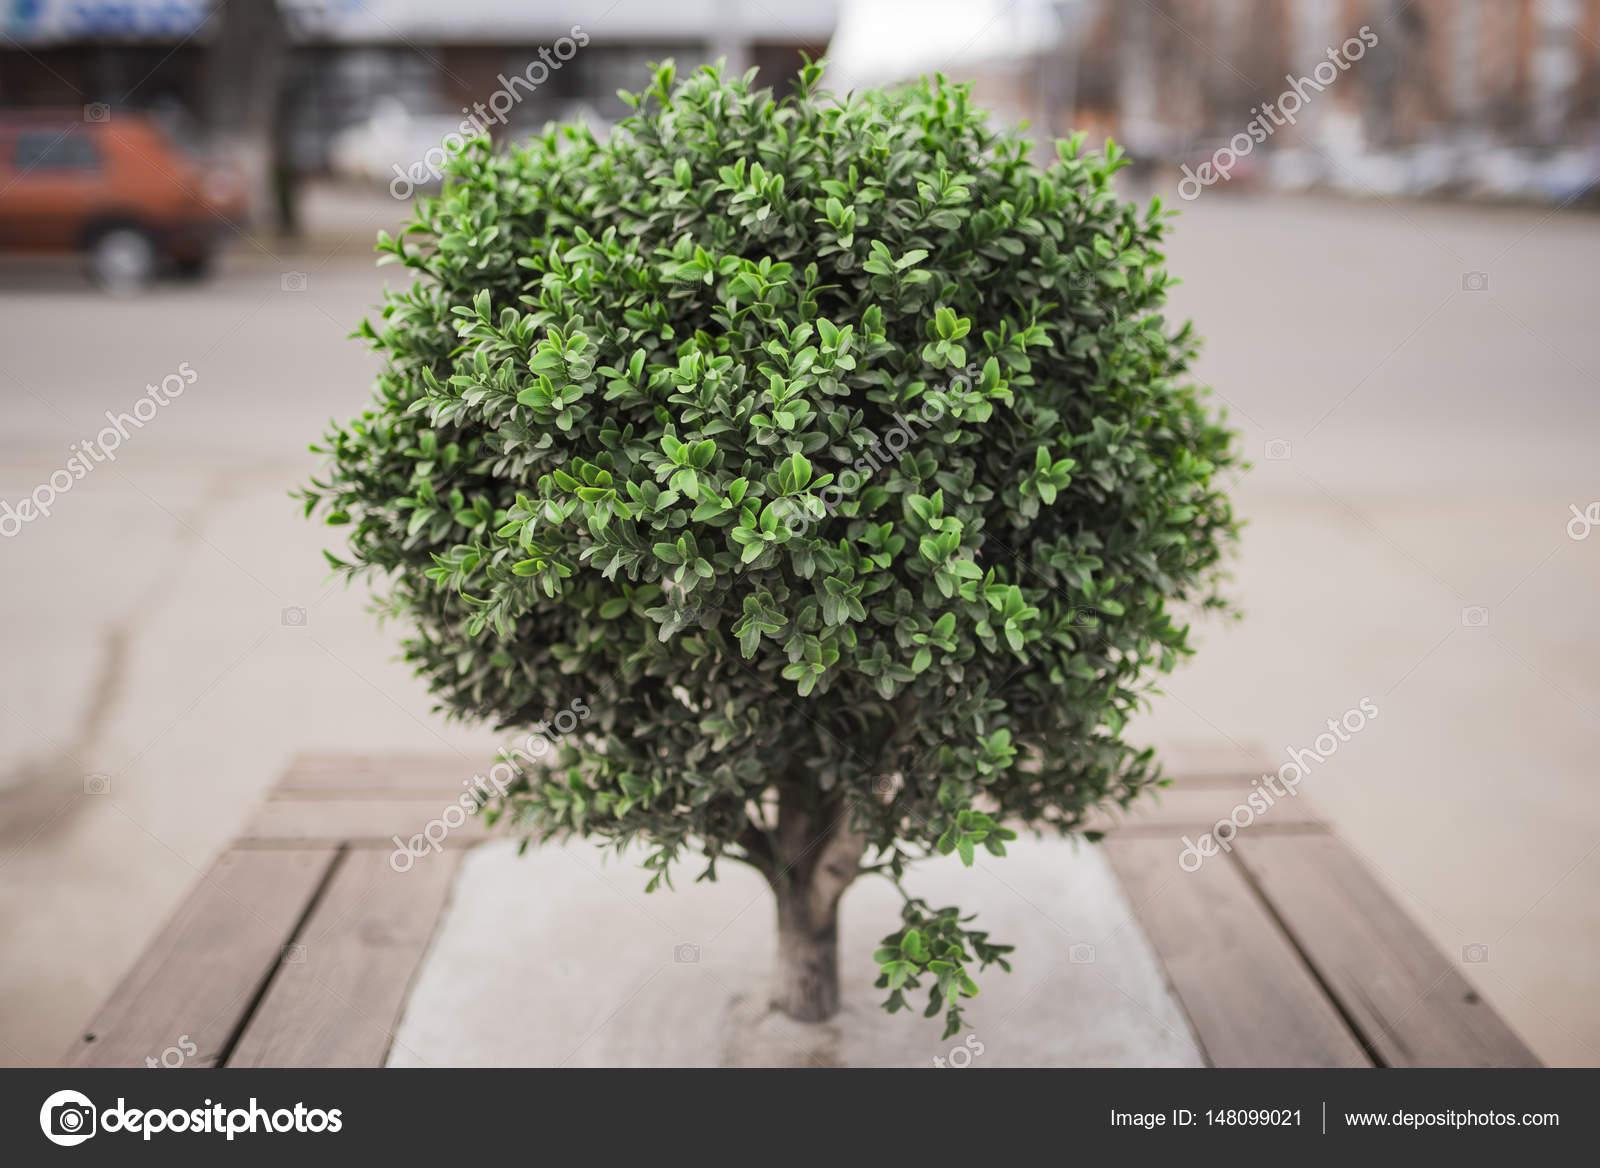 Bush de rbol peque o fotos de stock jalisko 148099021 for Arbolitos para jardines pequenos